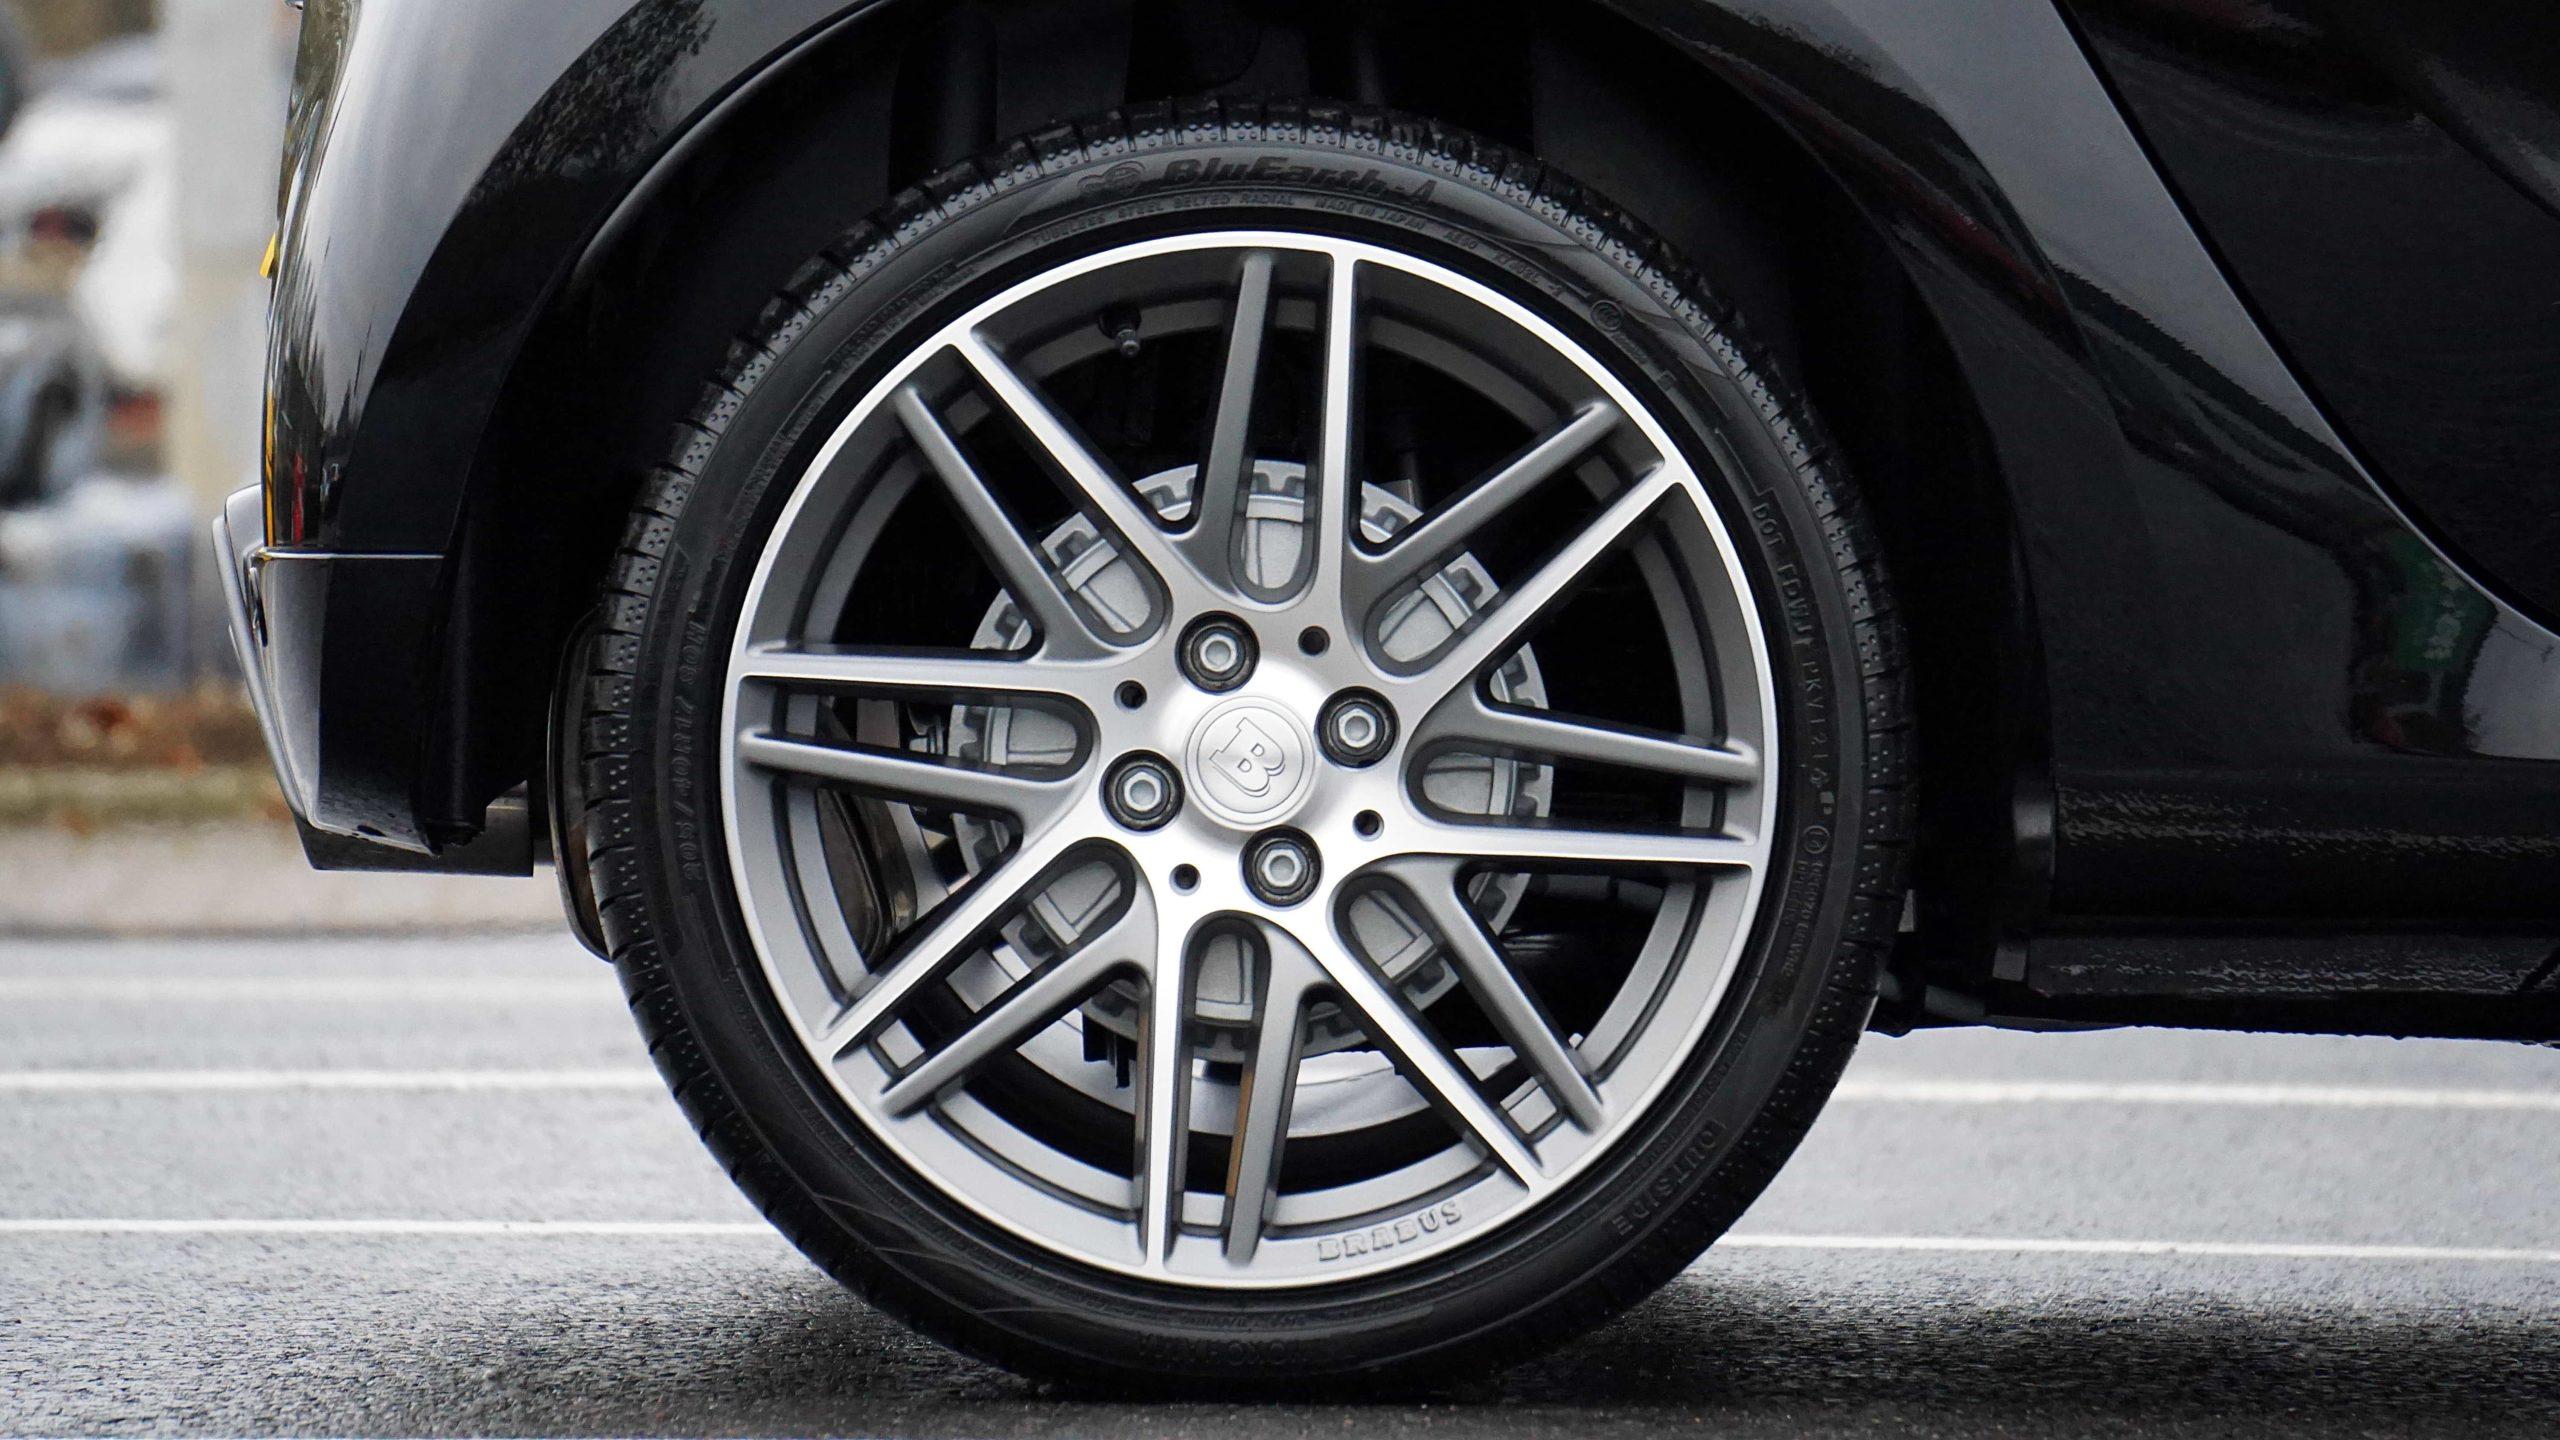 ¿Cómo saber cuándo se deben cambiar las ruedas de un coche? Por ruedas.cc